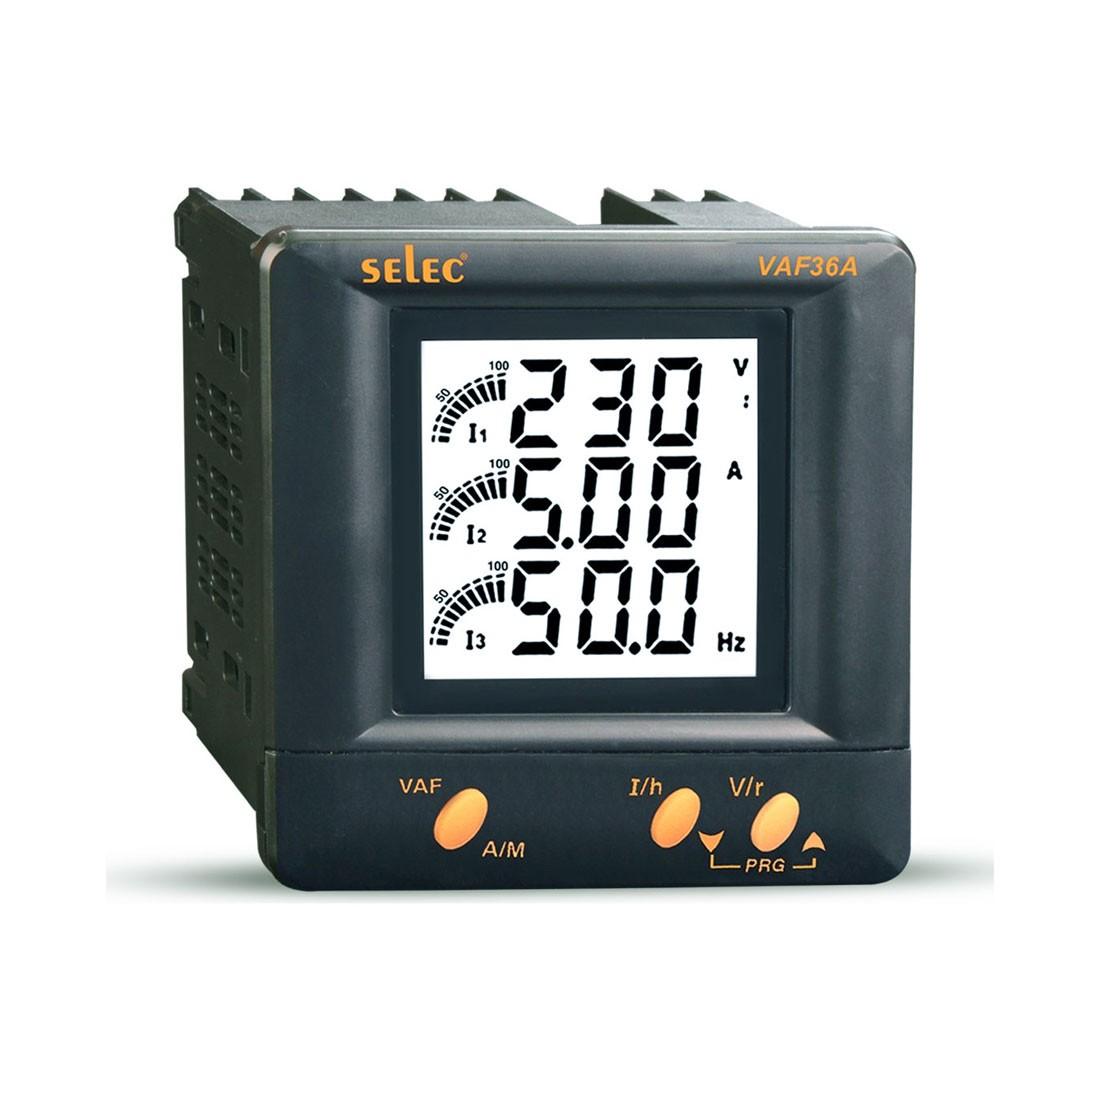 Selec VAF36A Voltage, Current, Frequency Meter